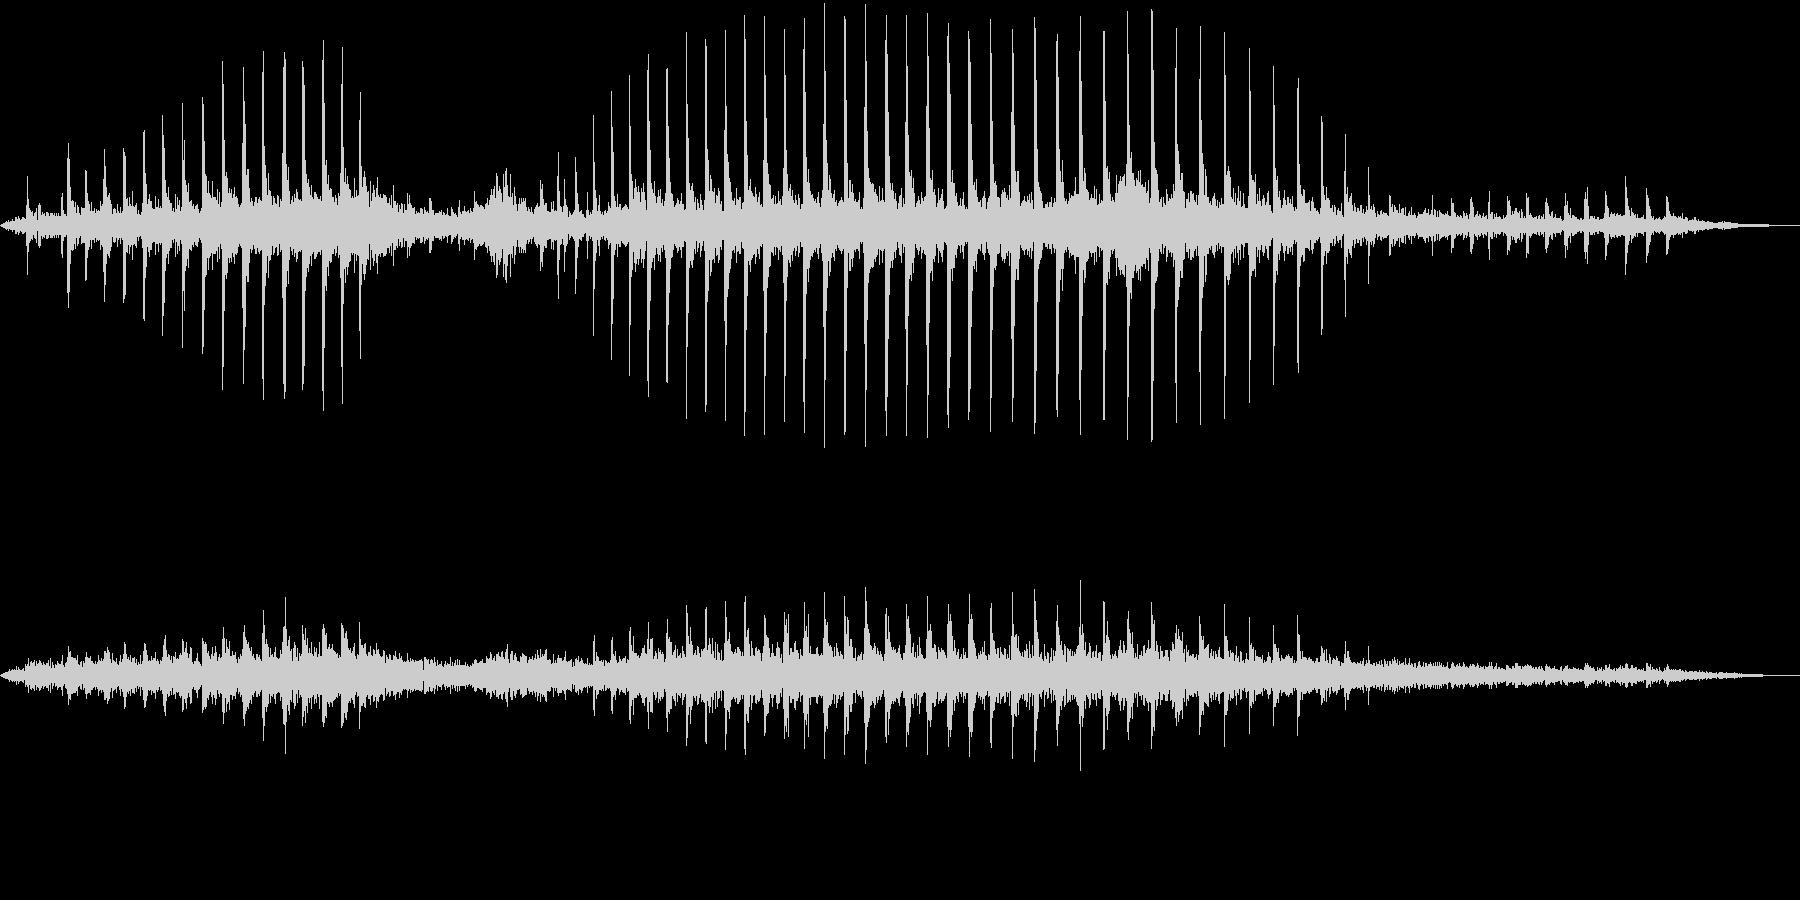 【生録音】コウノトリのクラッタリングの音の未再生の波形